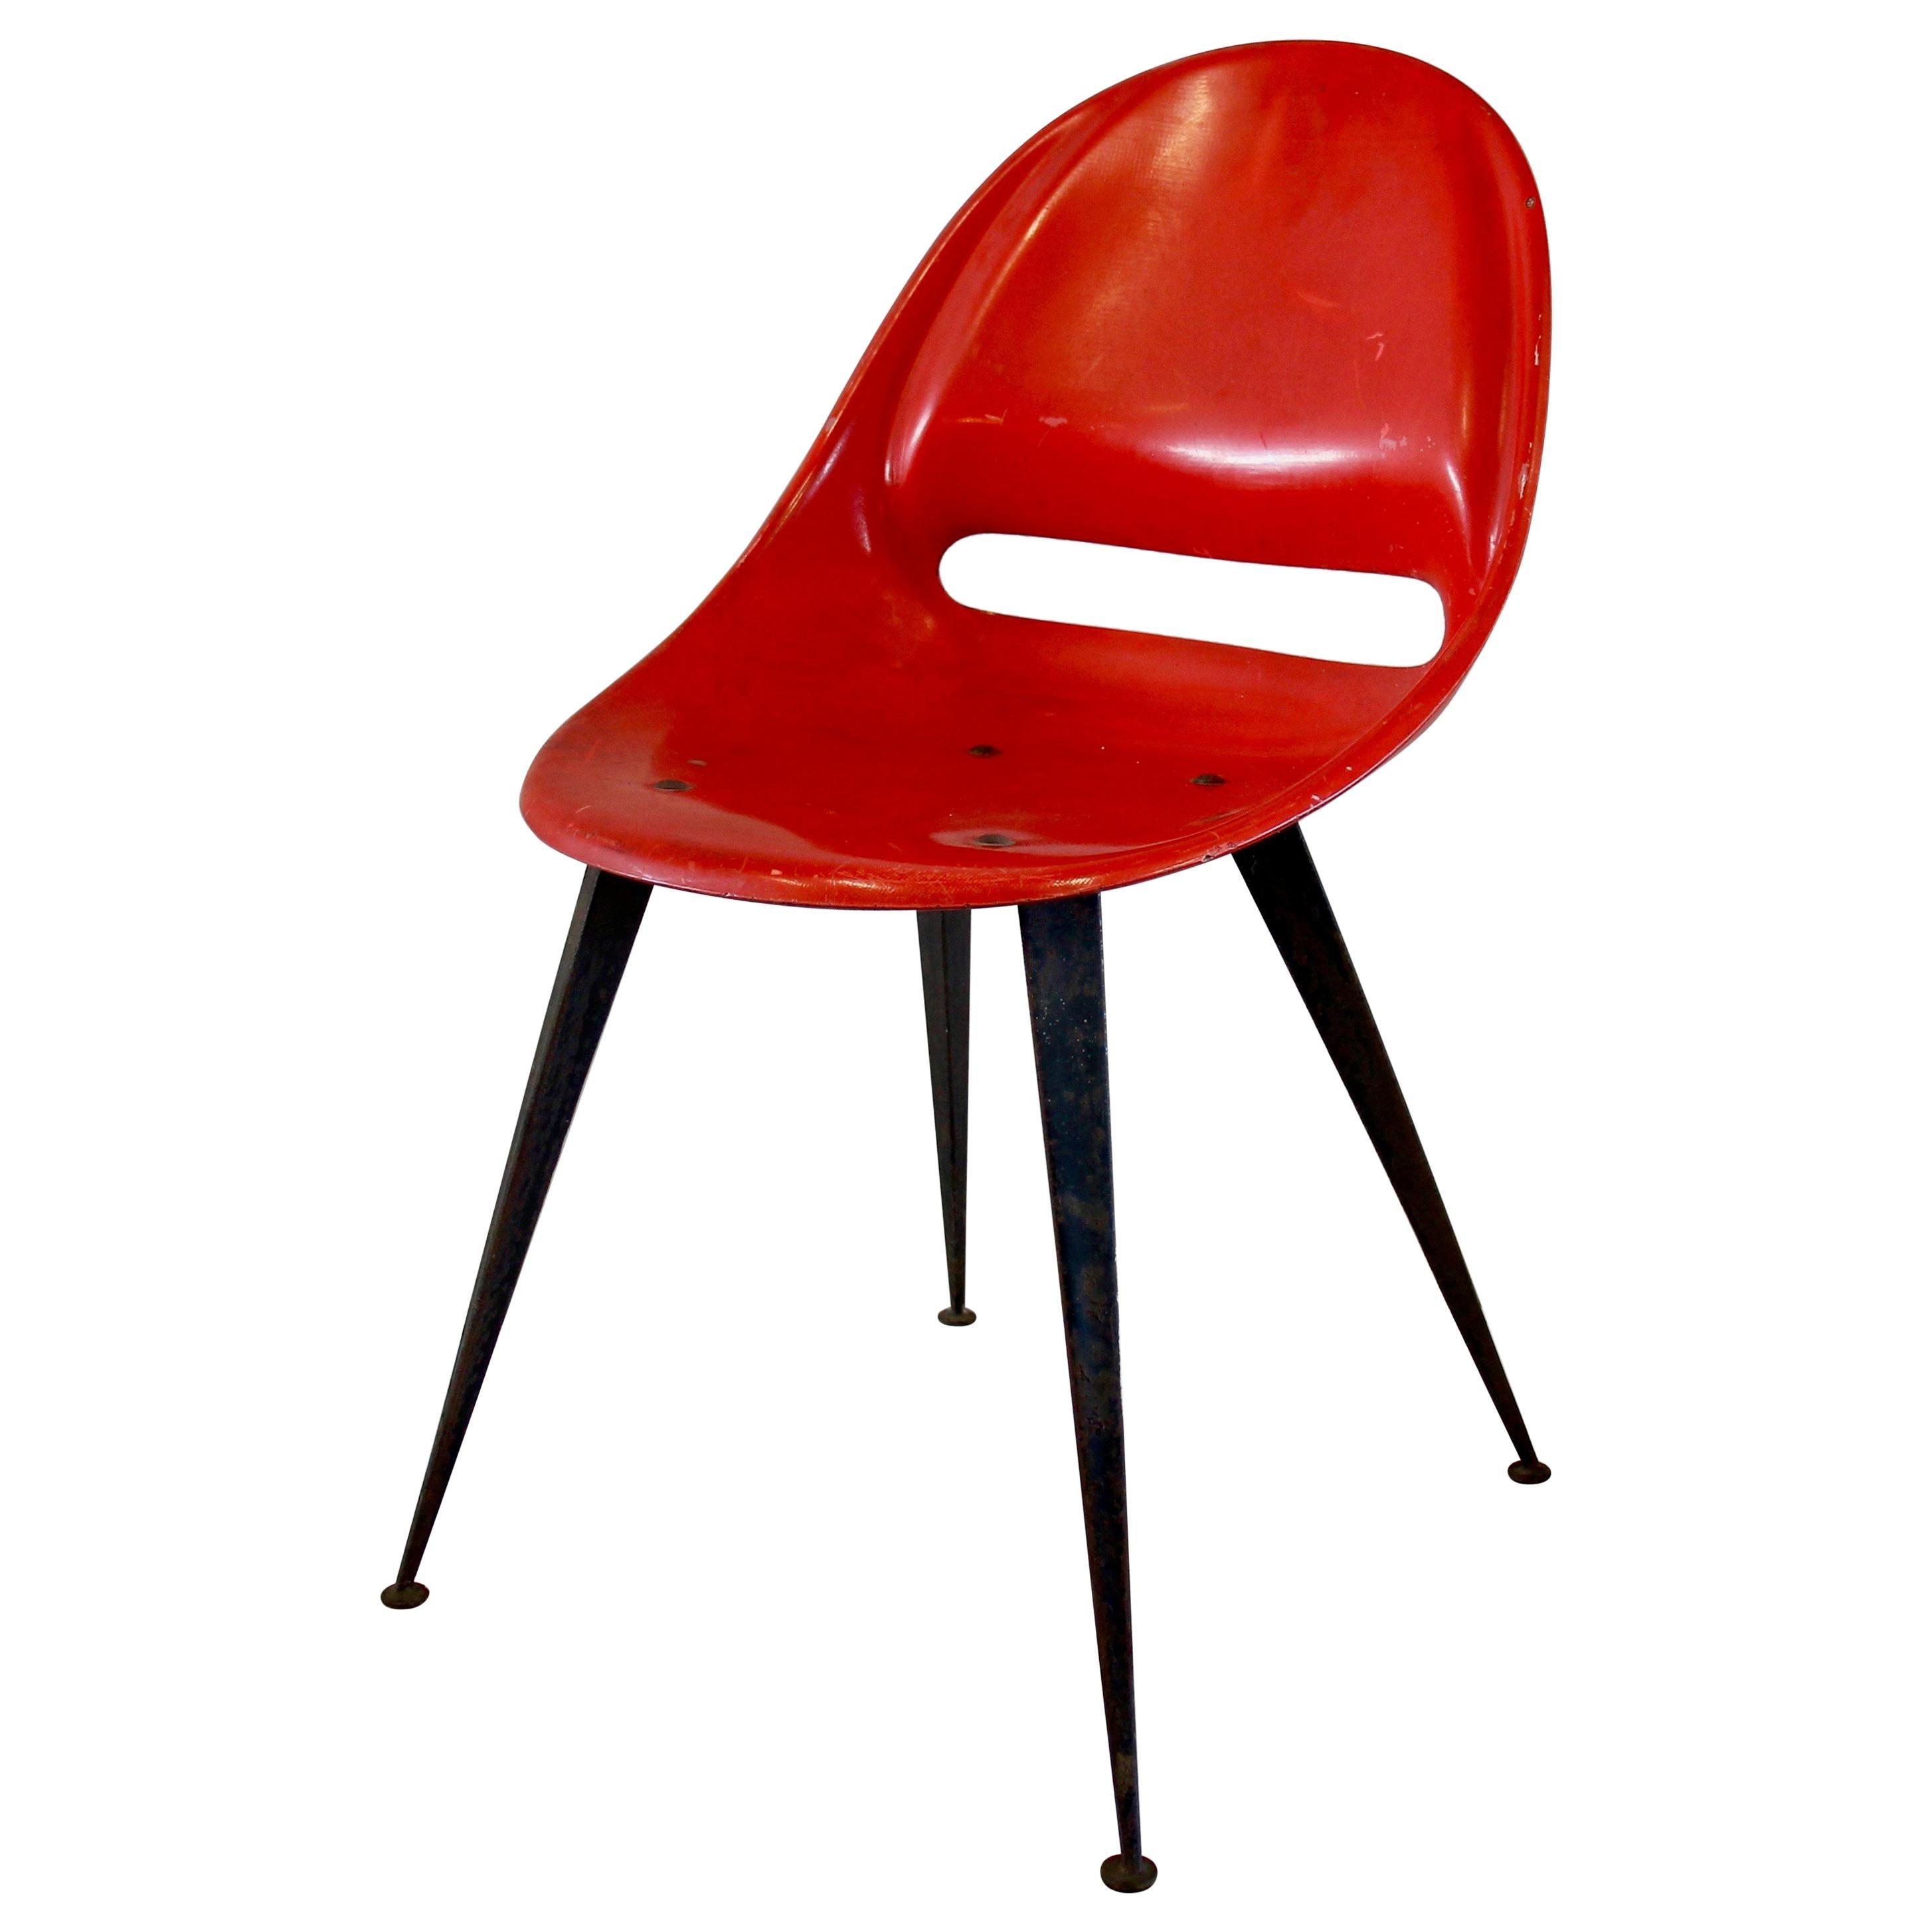 Red Midcentury Fiberglass Chair, Czech Republic